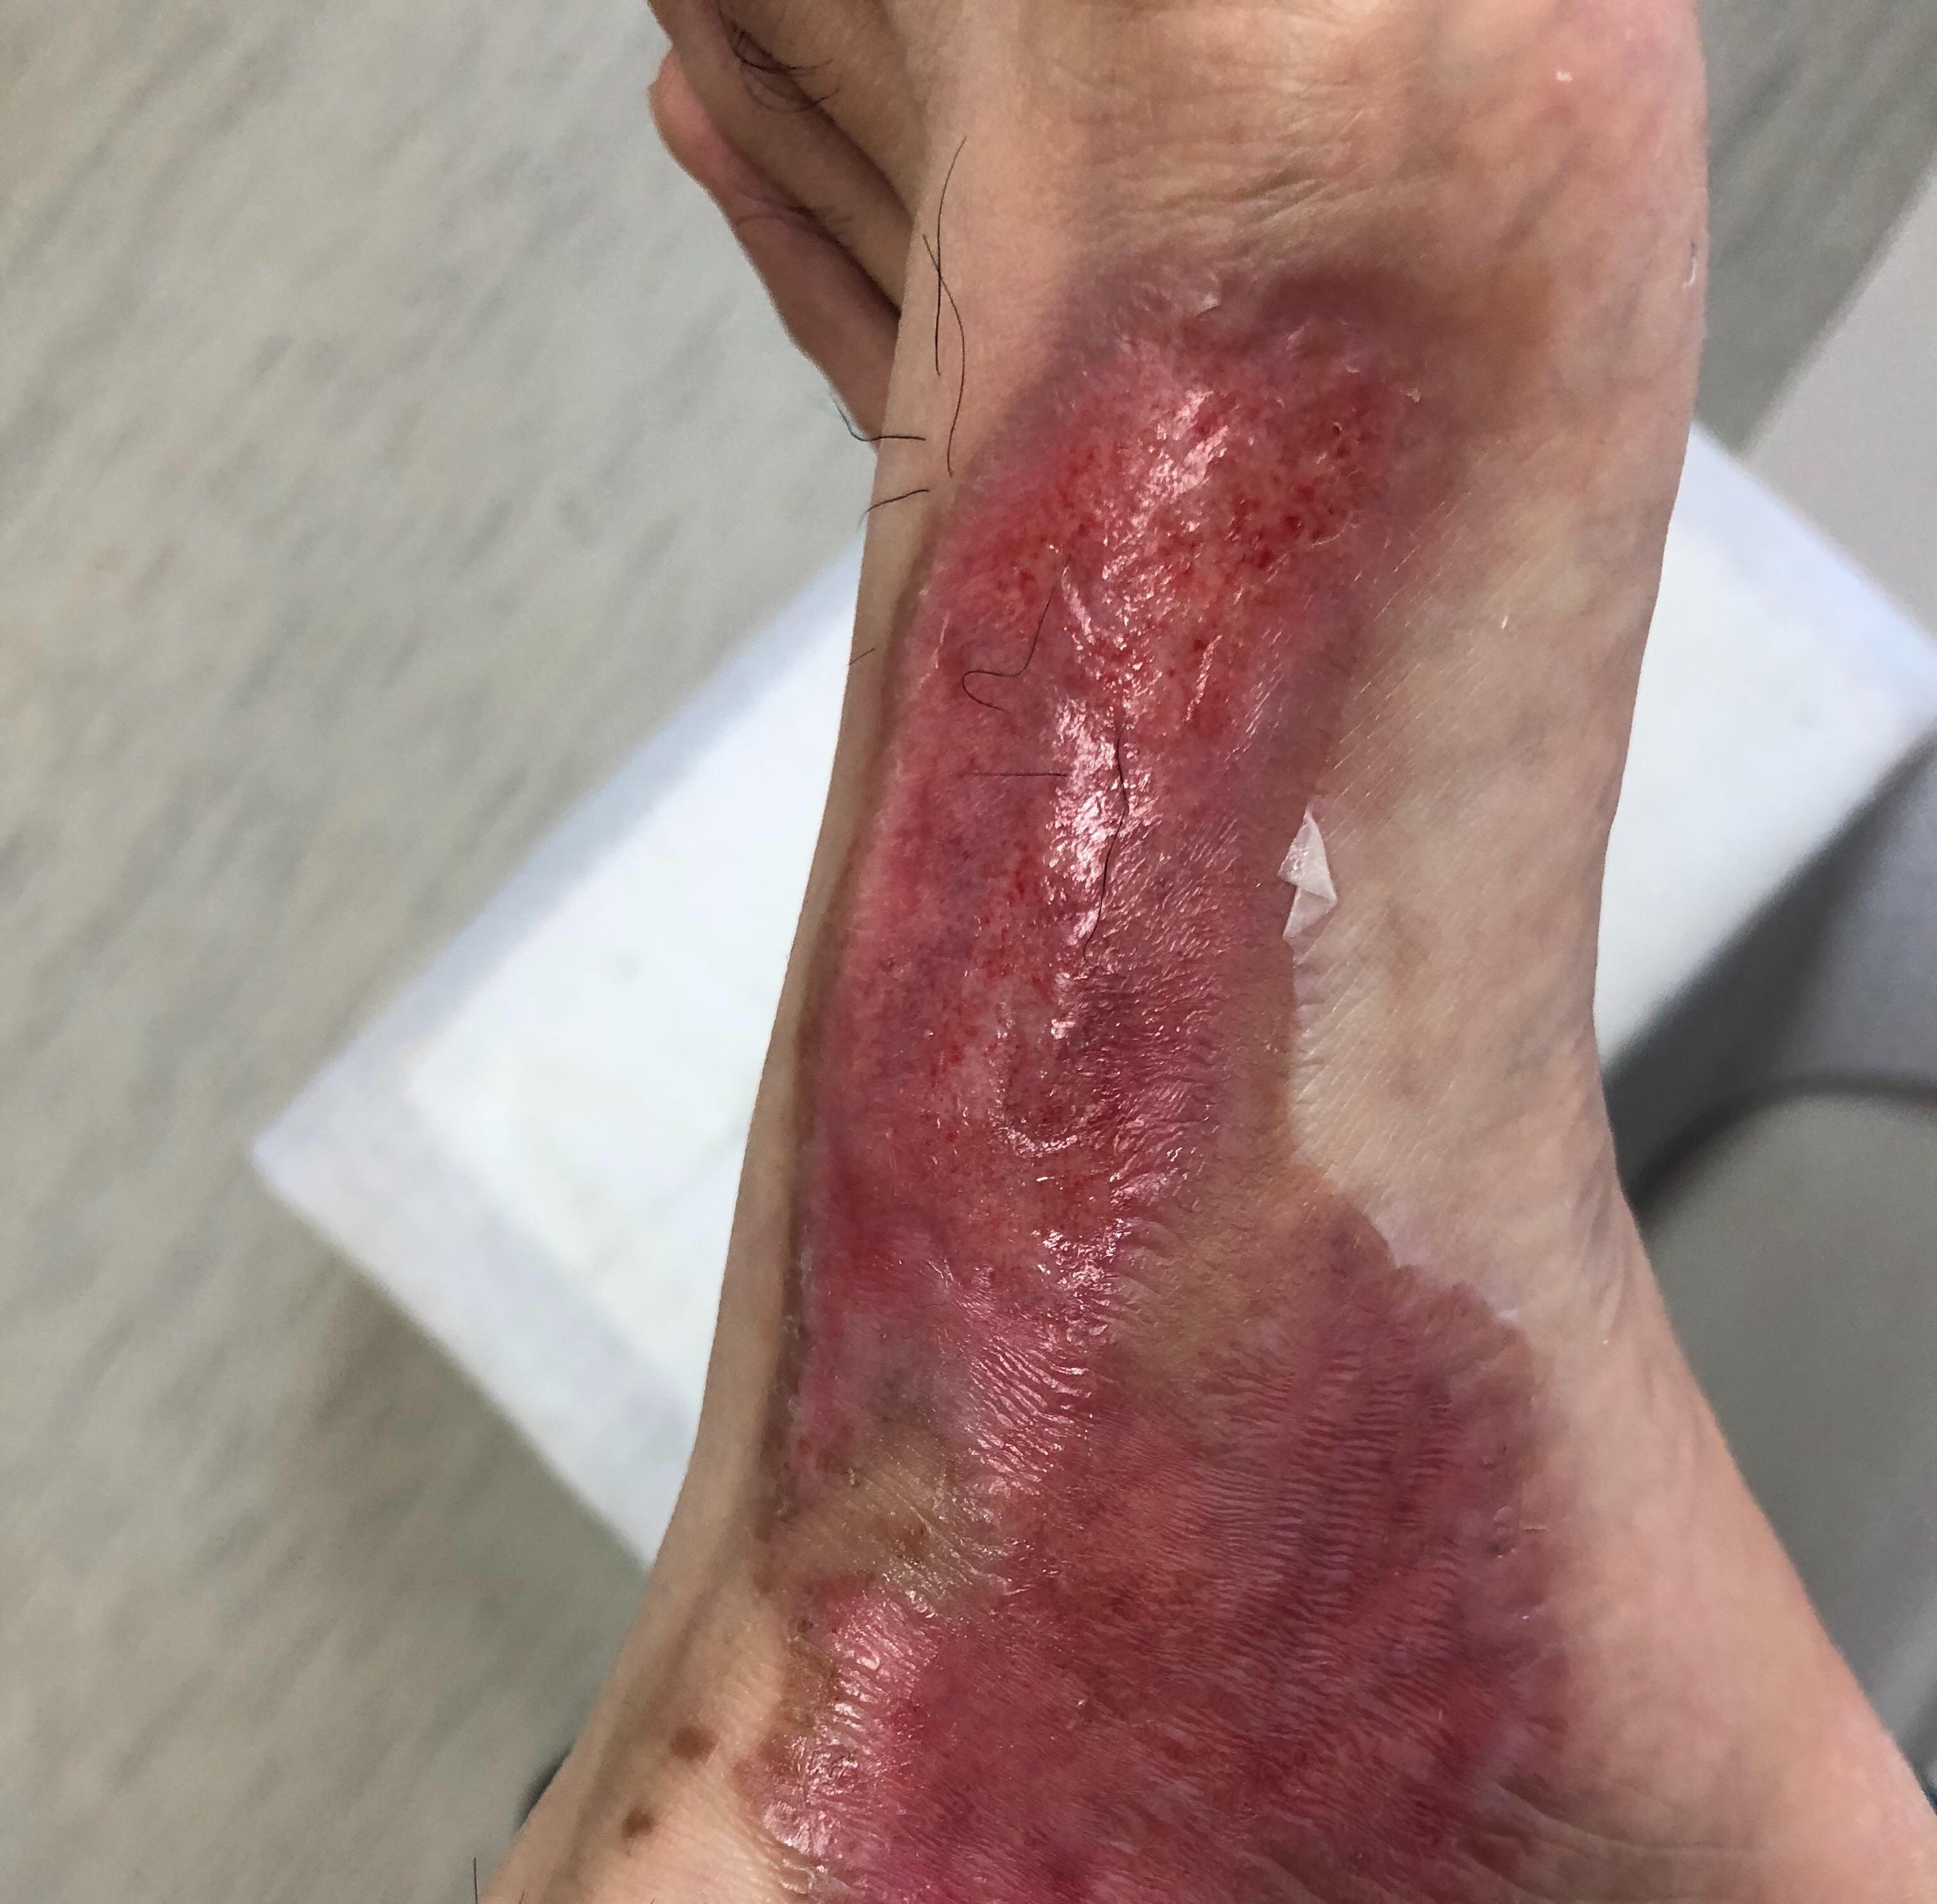 足の火傷11日目